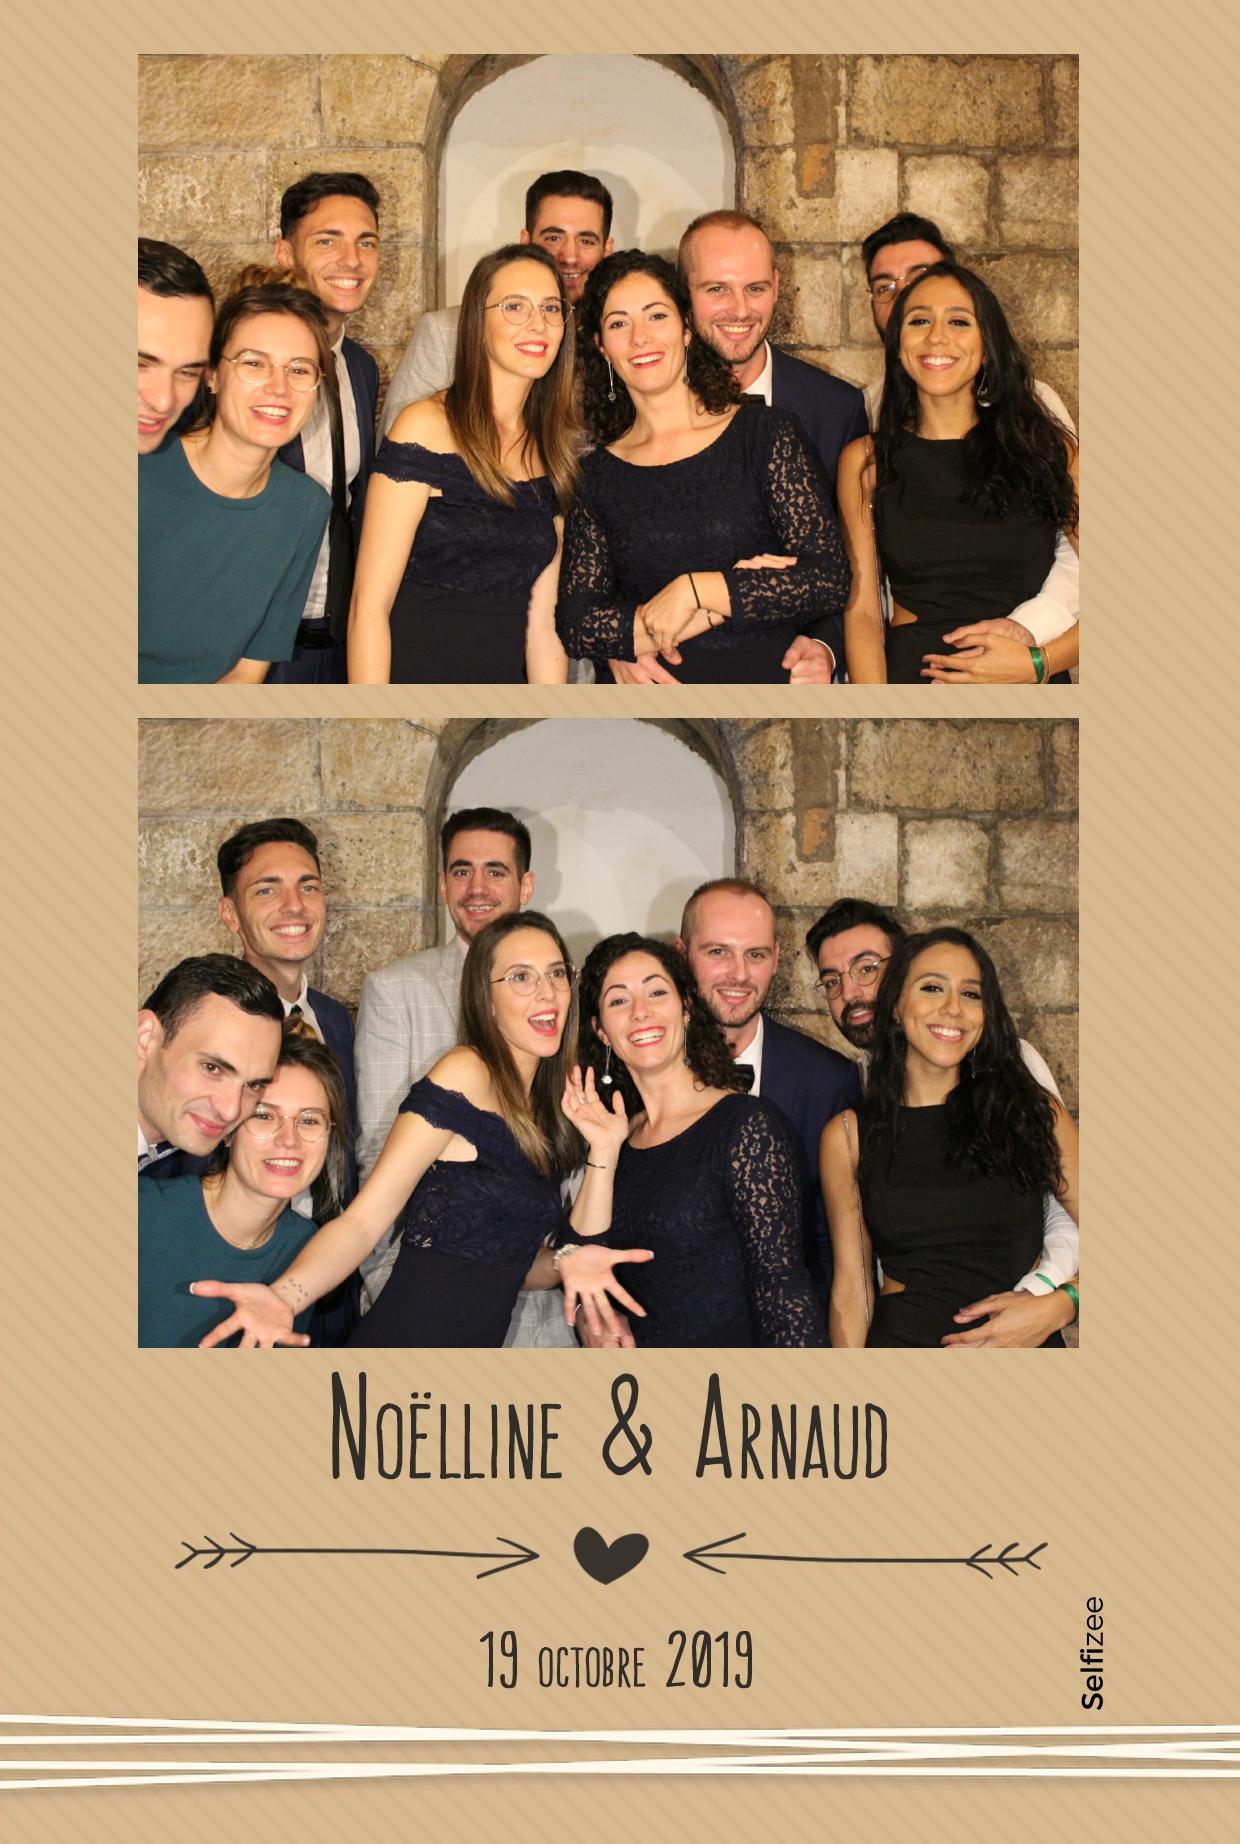 Animation photobooth mariage Paris avec impressions photos personnalisées - borne selfie à louer Paris mariage, fête, anniversaire, baptême